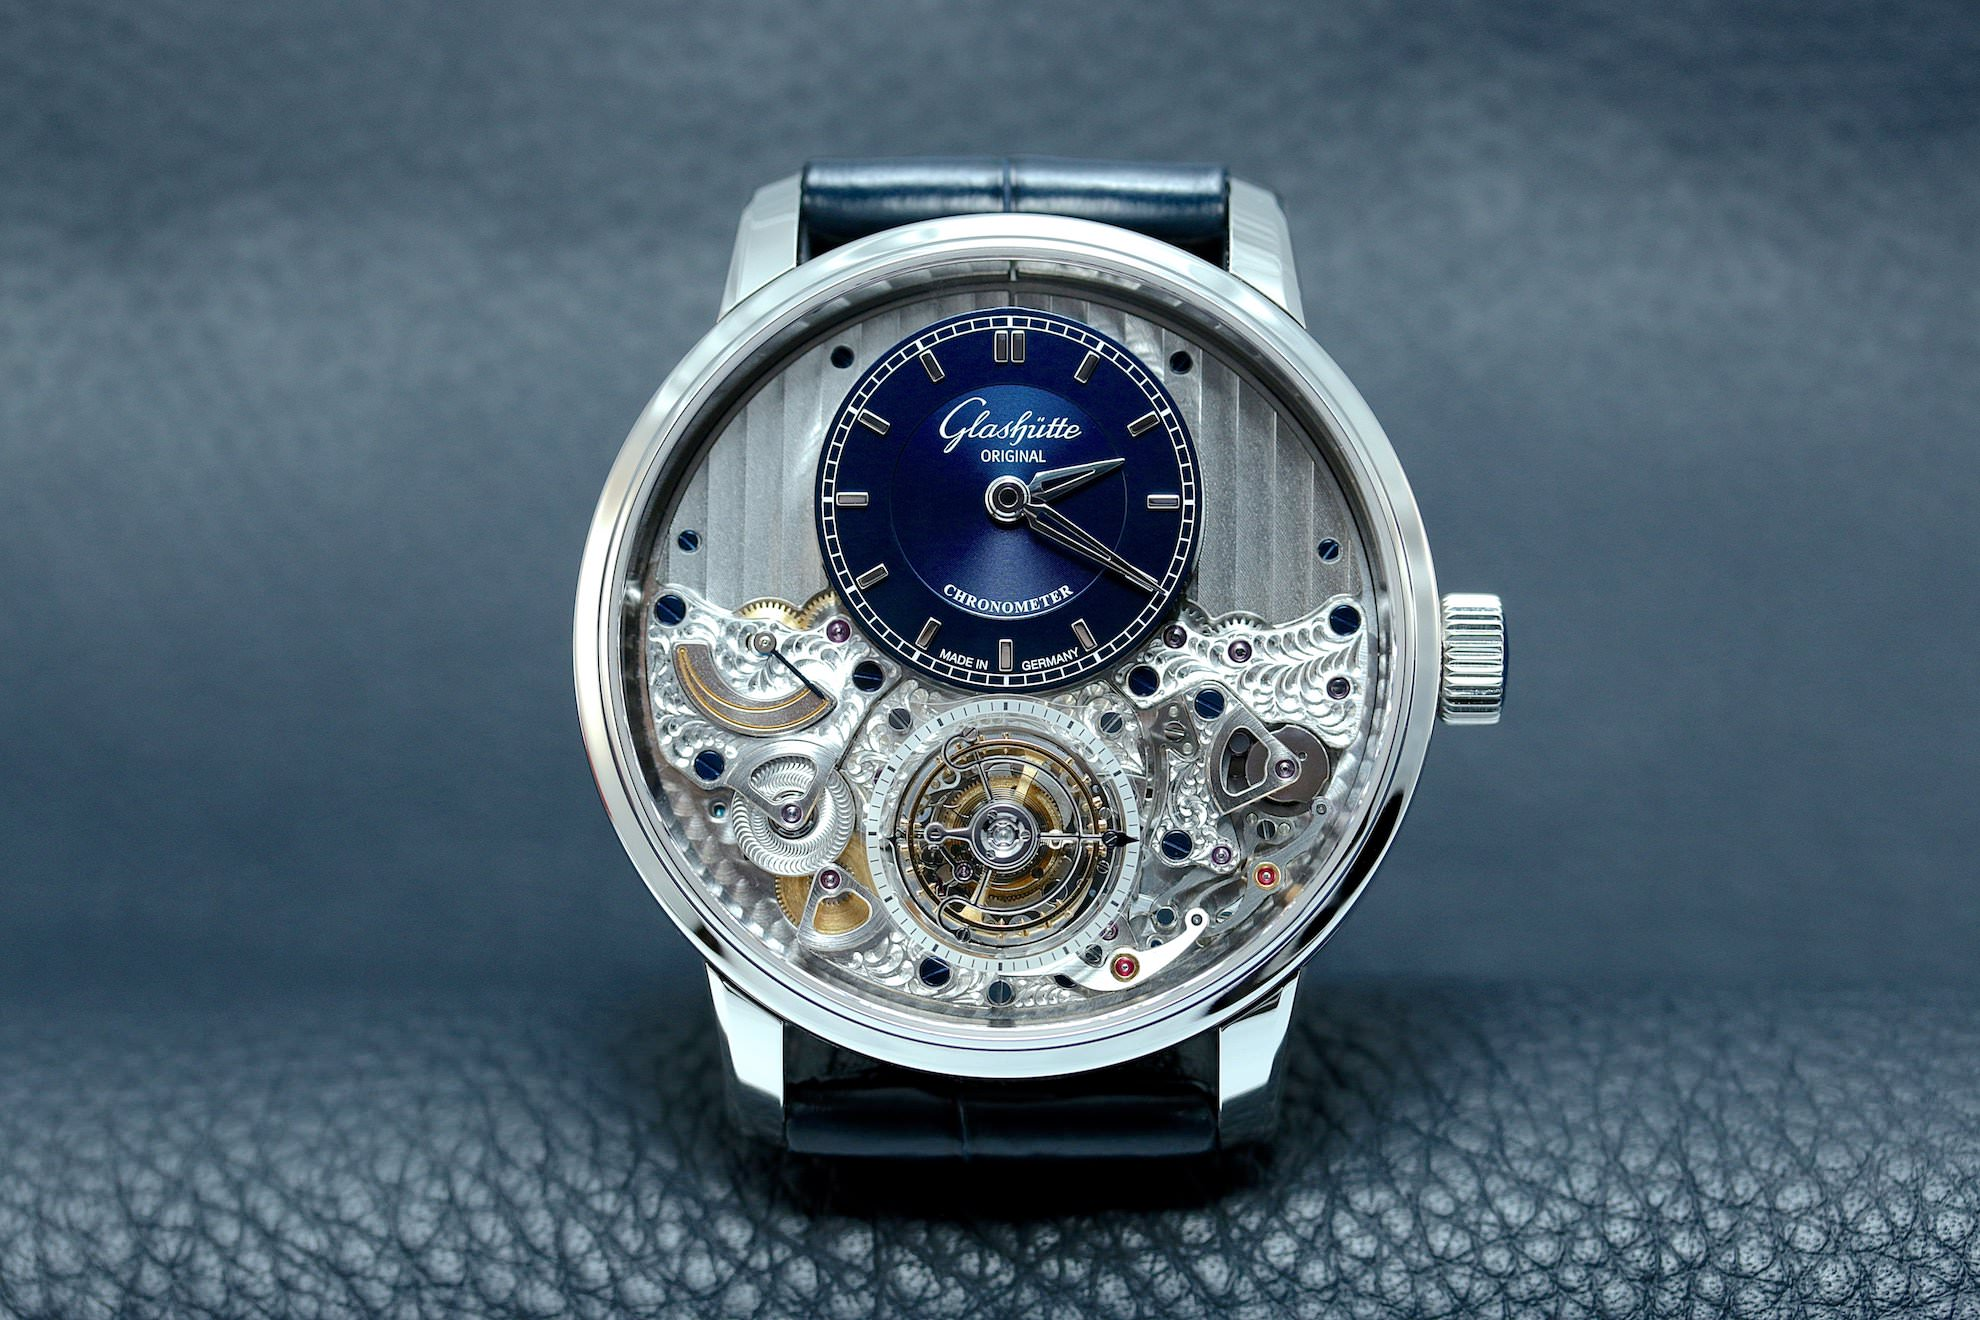 go_senator_chronometer_tourbillon_1